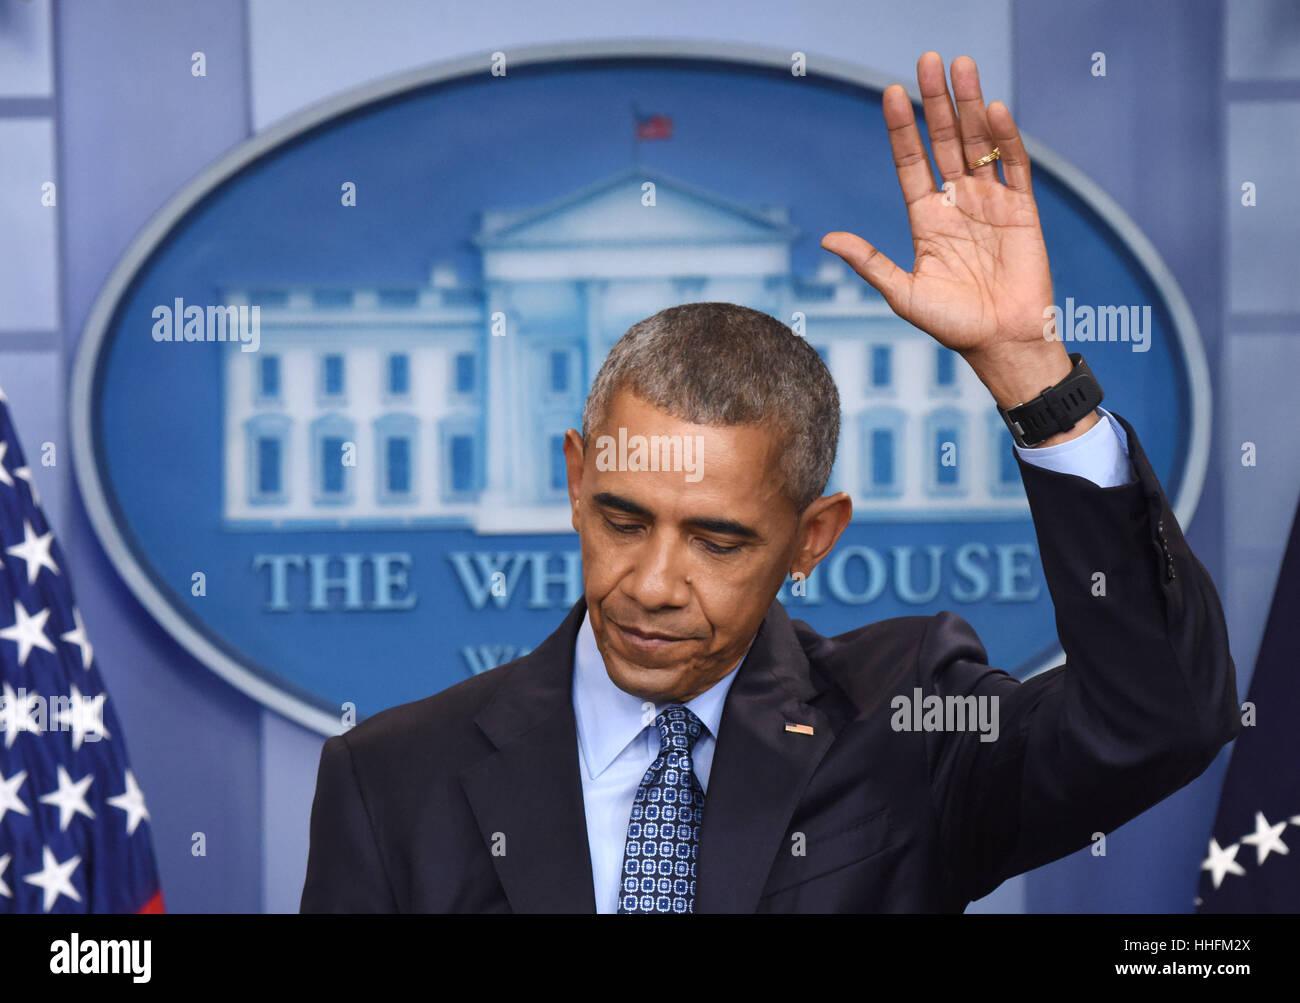 Washington, DC, USA. 18 janvier, 2017. Les gestes de Barack Obama au cours de sa dernière conférence de Photo Stock